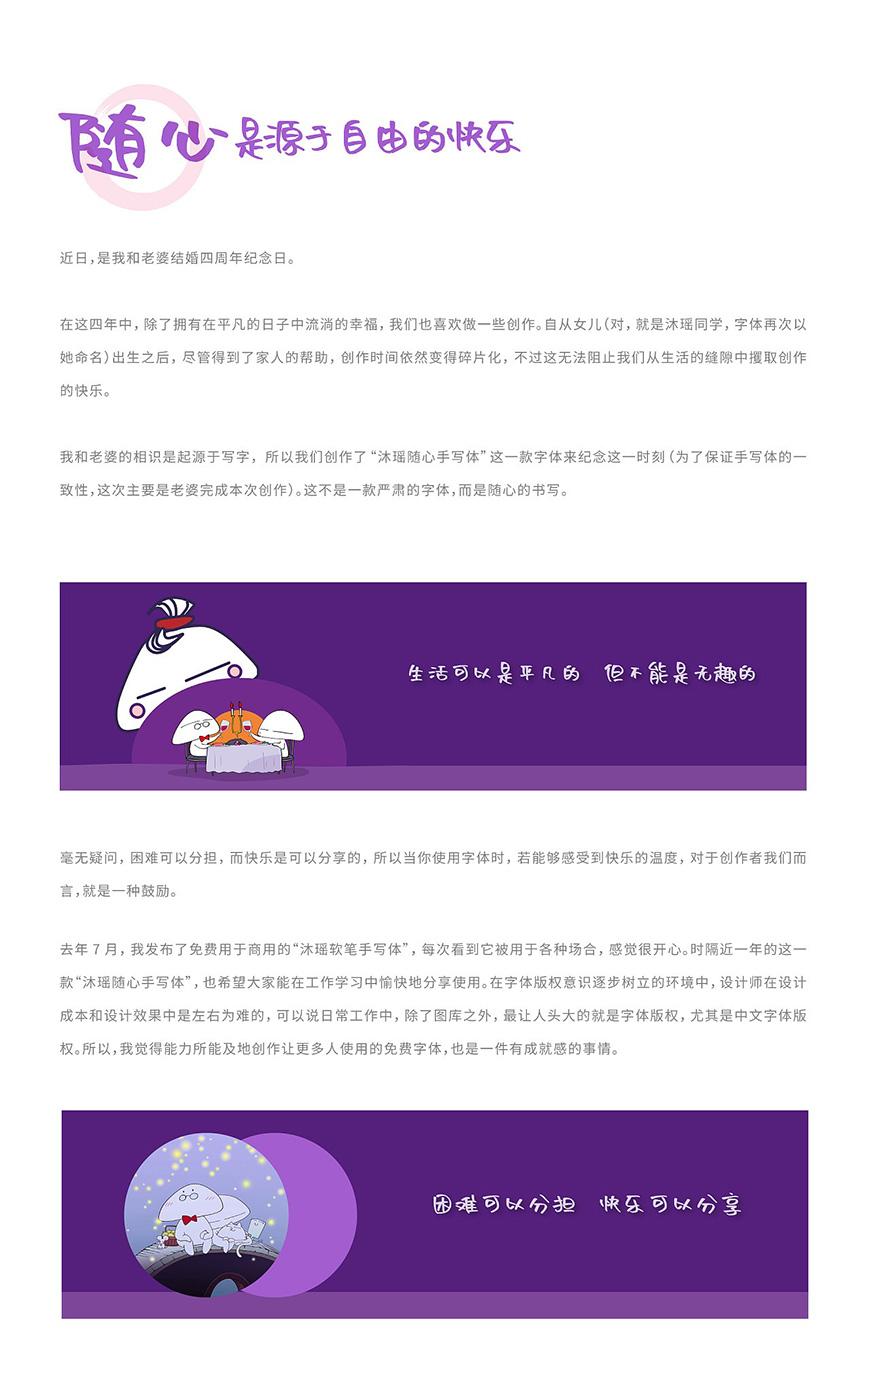 免费字体下载!一款非常清秀的手写字体-沐瑶随心手写体